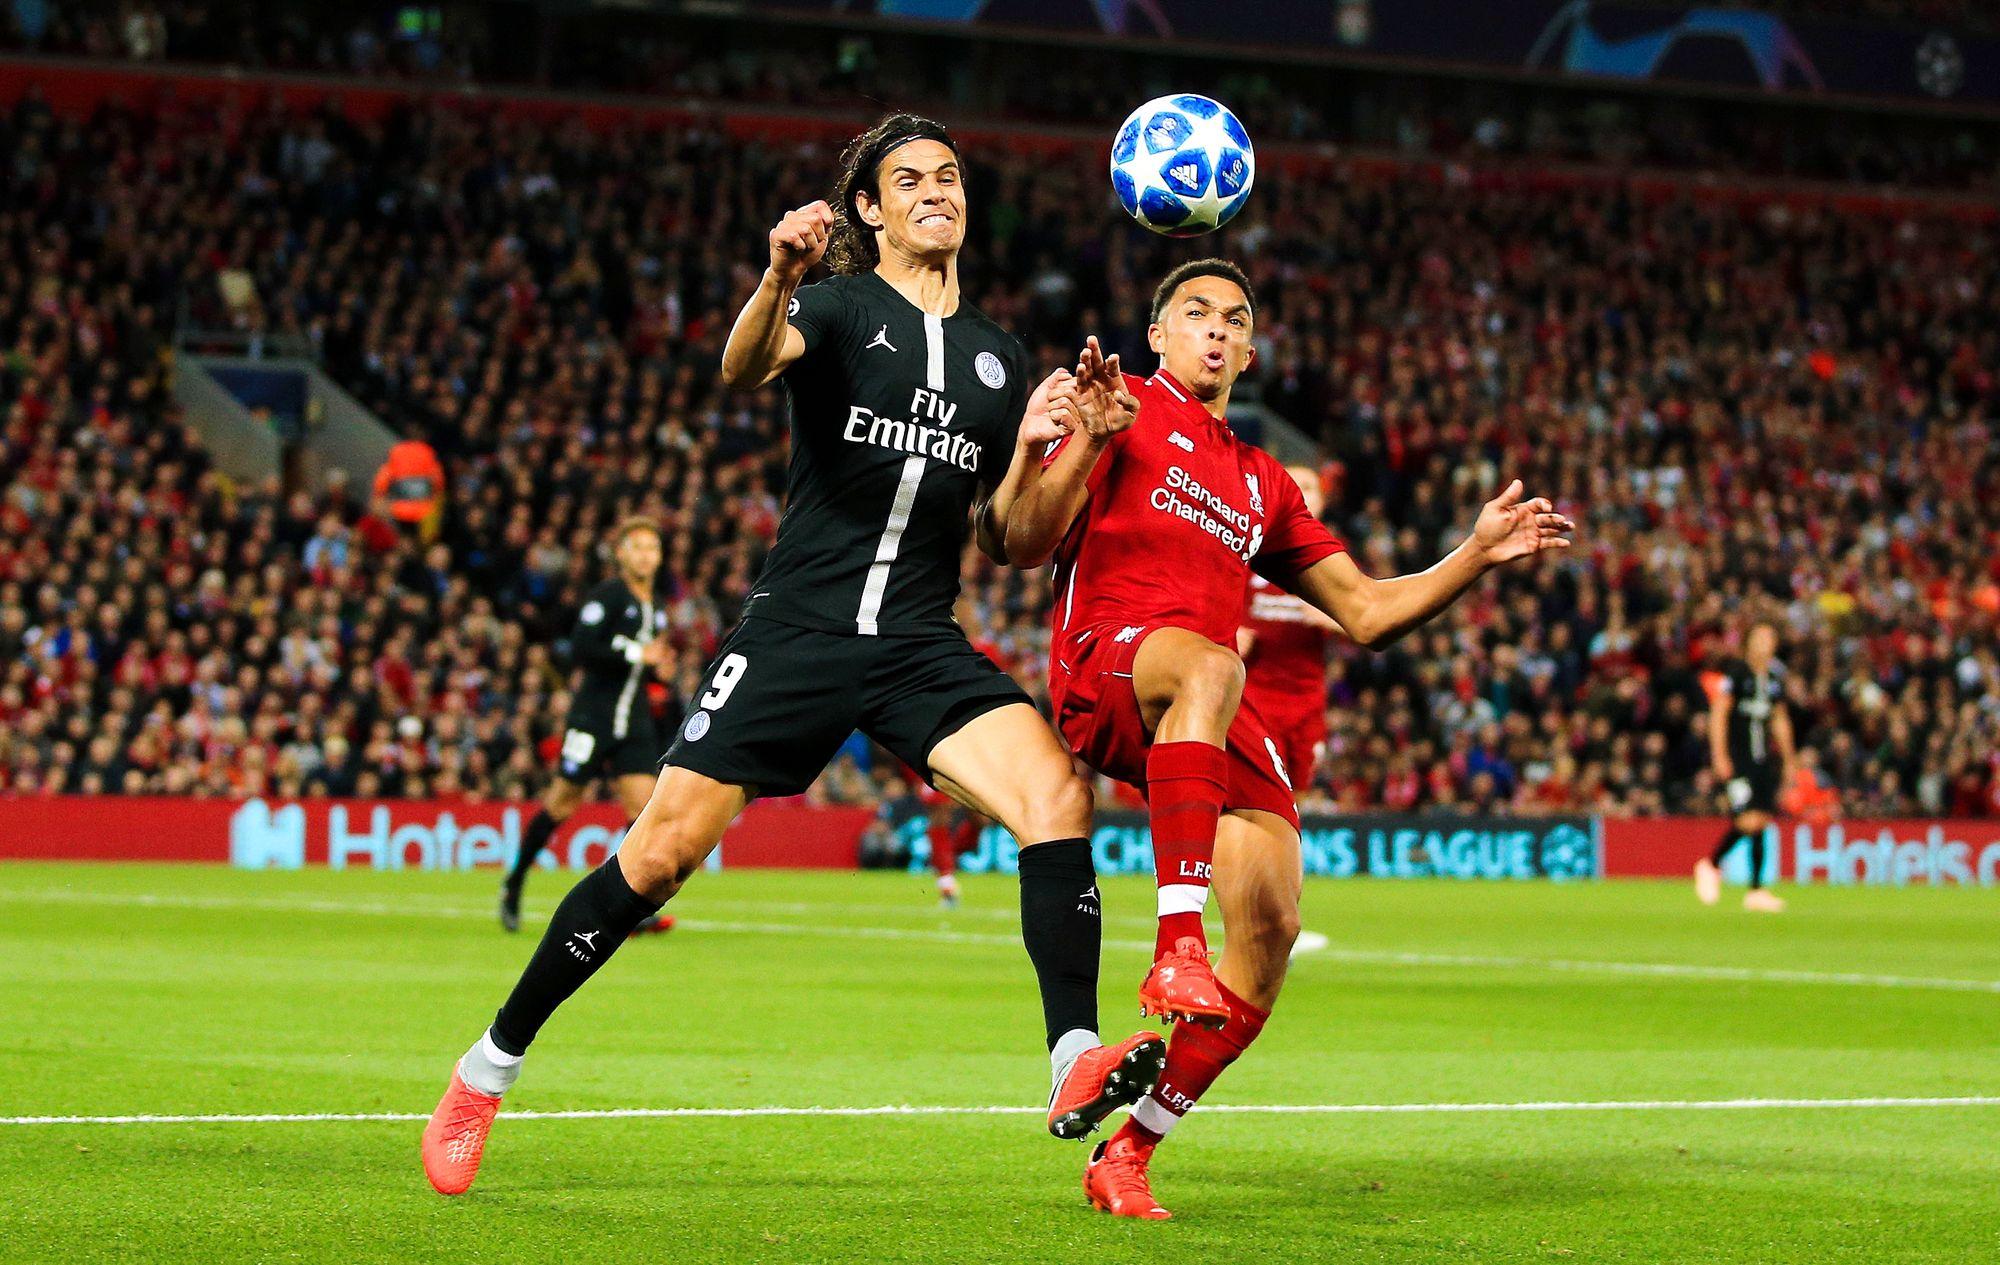 Pourquoi la défaite du PSG à Liverpool est inquiétante - Ligue des  champions - Football